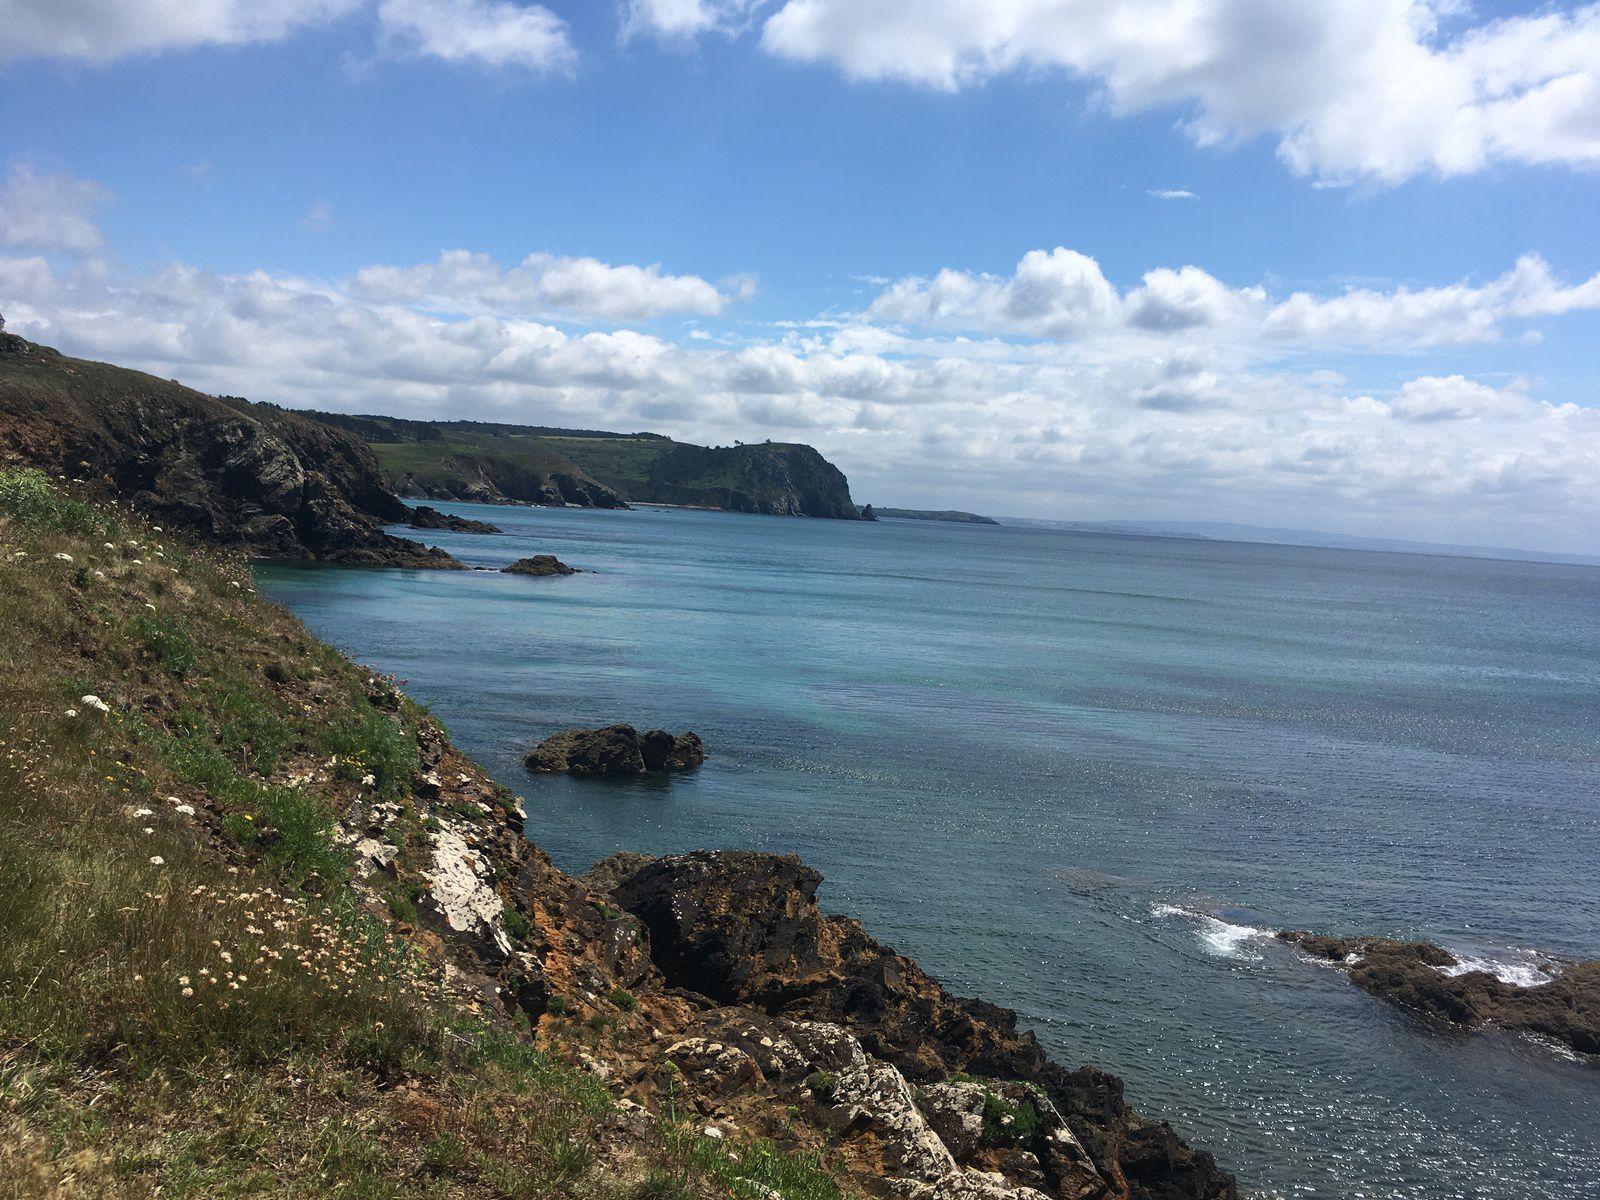 22 juin 2021 : île de l'Aber (France)